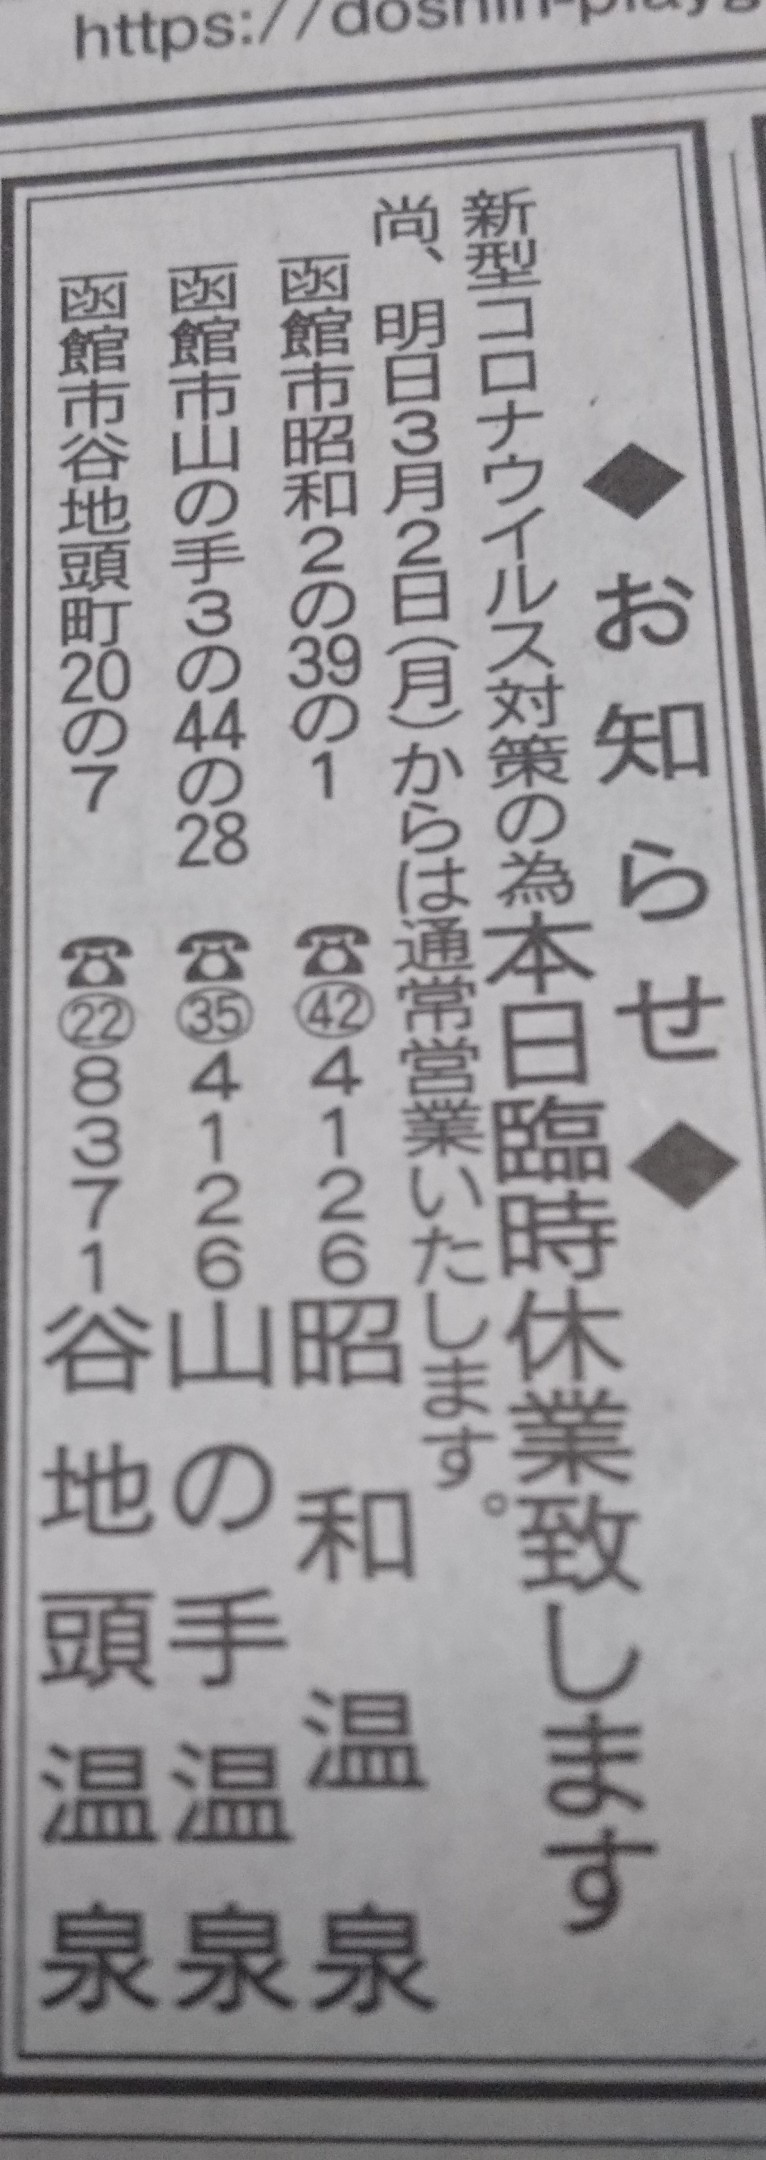 3月1日(日)新型コロナウイルス対策のため本日臨時休業。昭和温泉、山の手温泉、谷地頭温泉。明日の3月2日(月)から通常営業_b0106766_06324107.jpg